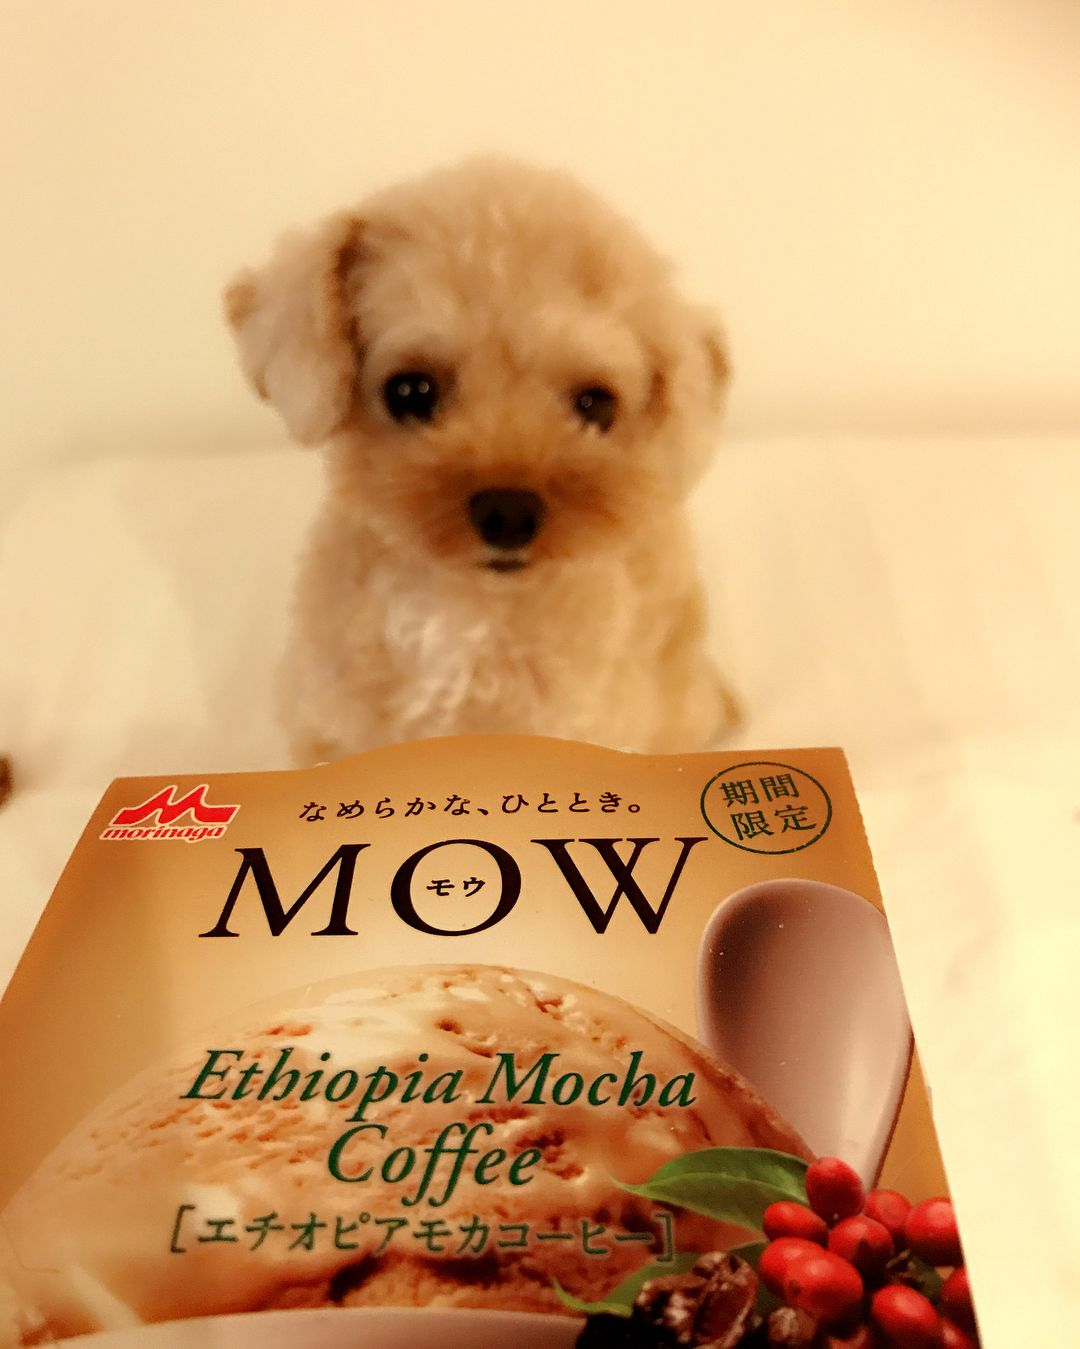 常日頃mowのクオリティーの高さを崇拝 新作なのかな エチオピアモカコーヒー は最高 大好きなミカドコーヒーのモカ ソフトやマッターホーンのモカソフトよりもコスパ考えると上 Mow エチオピアモカコーヒー コンビニアイス T